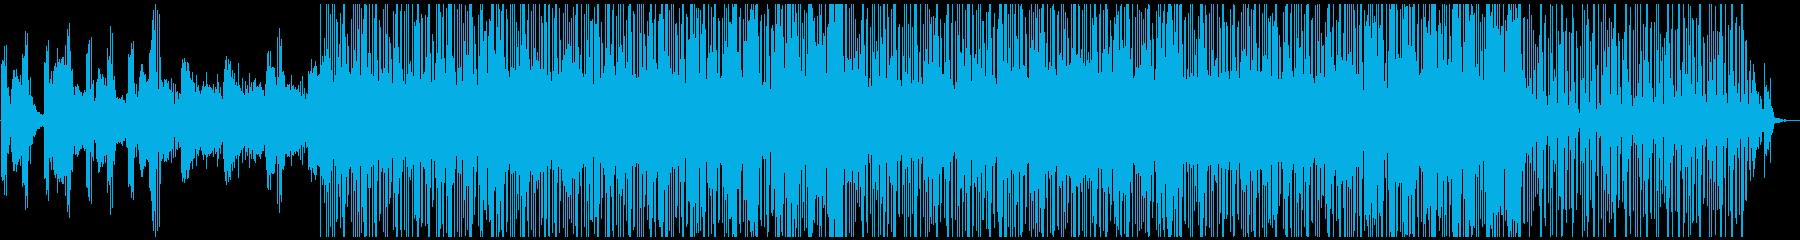 力強いグラウンドビート、甘く漂うコードの再生済みの波形